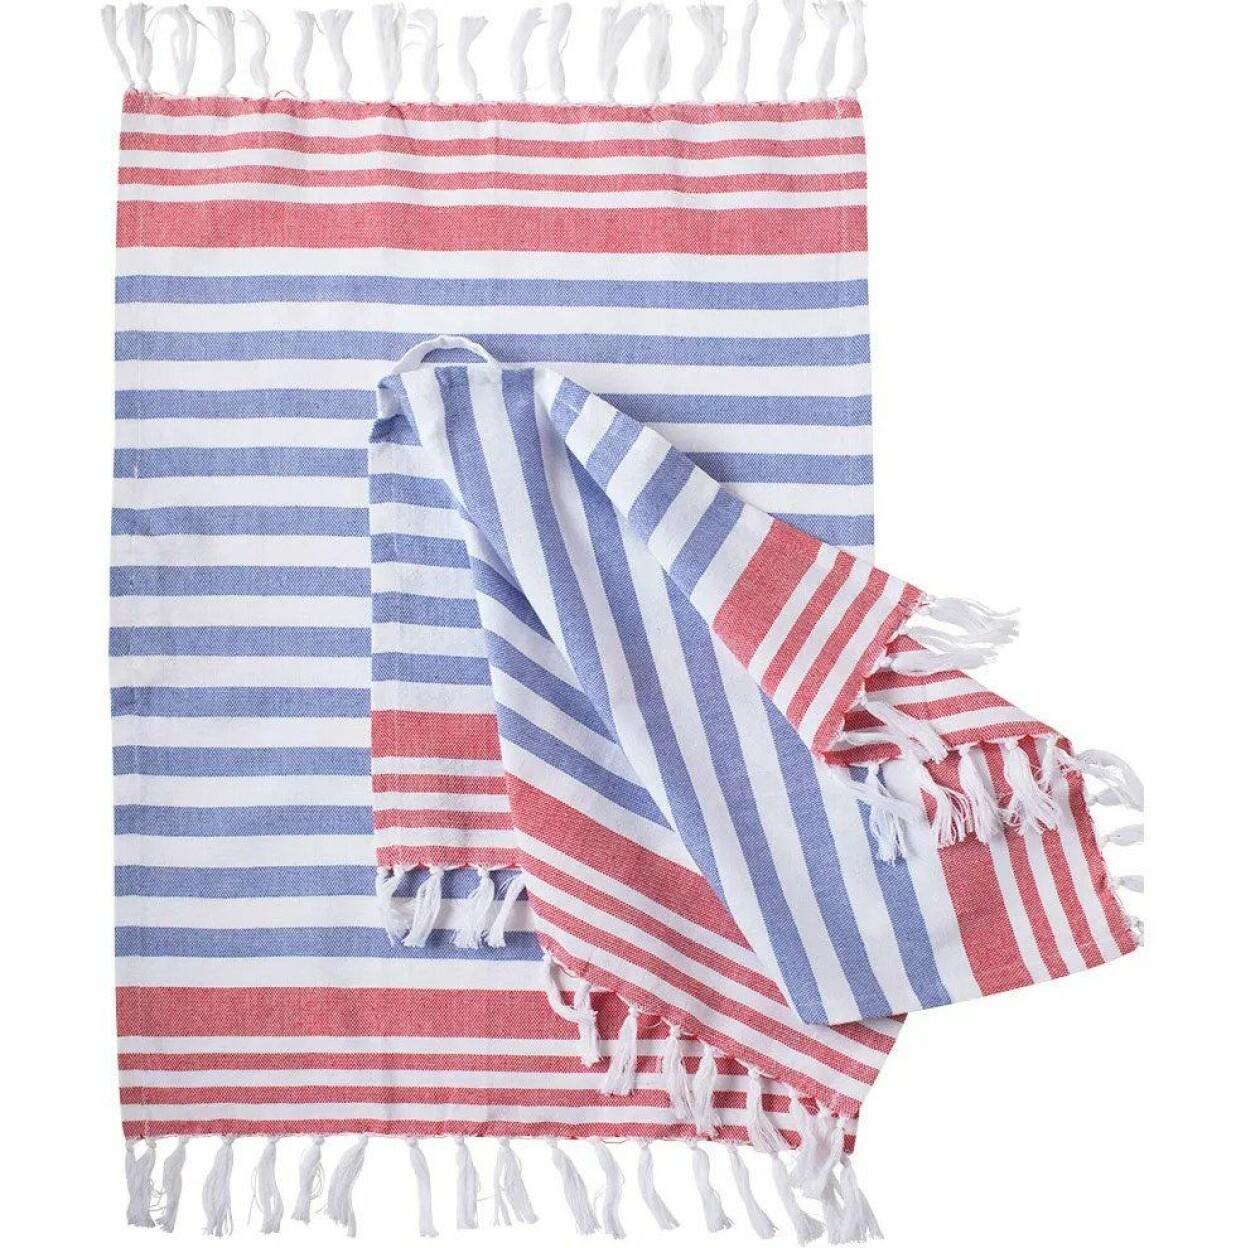 Hamamhandduk i rött, vitt och blått.